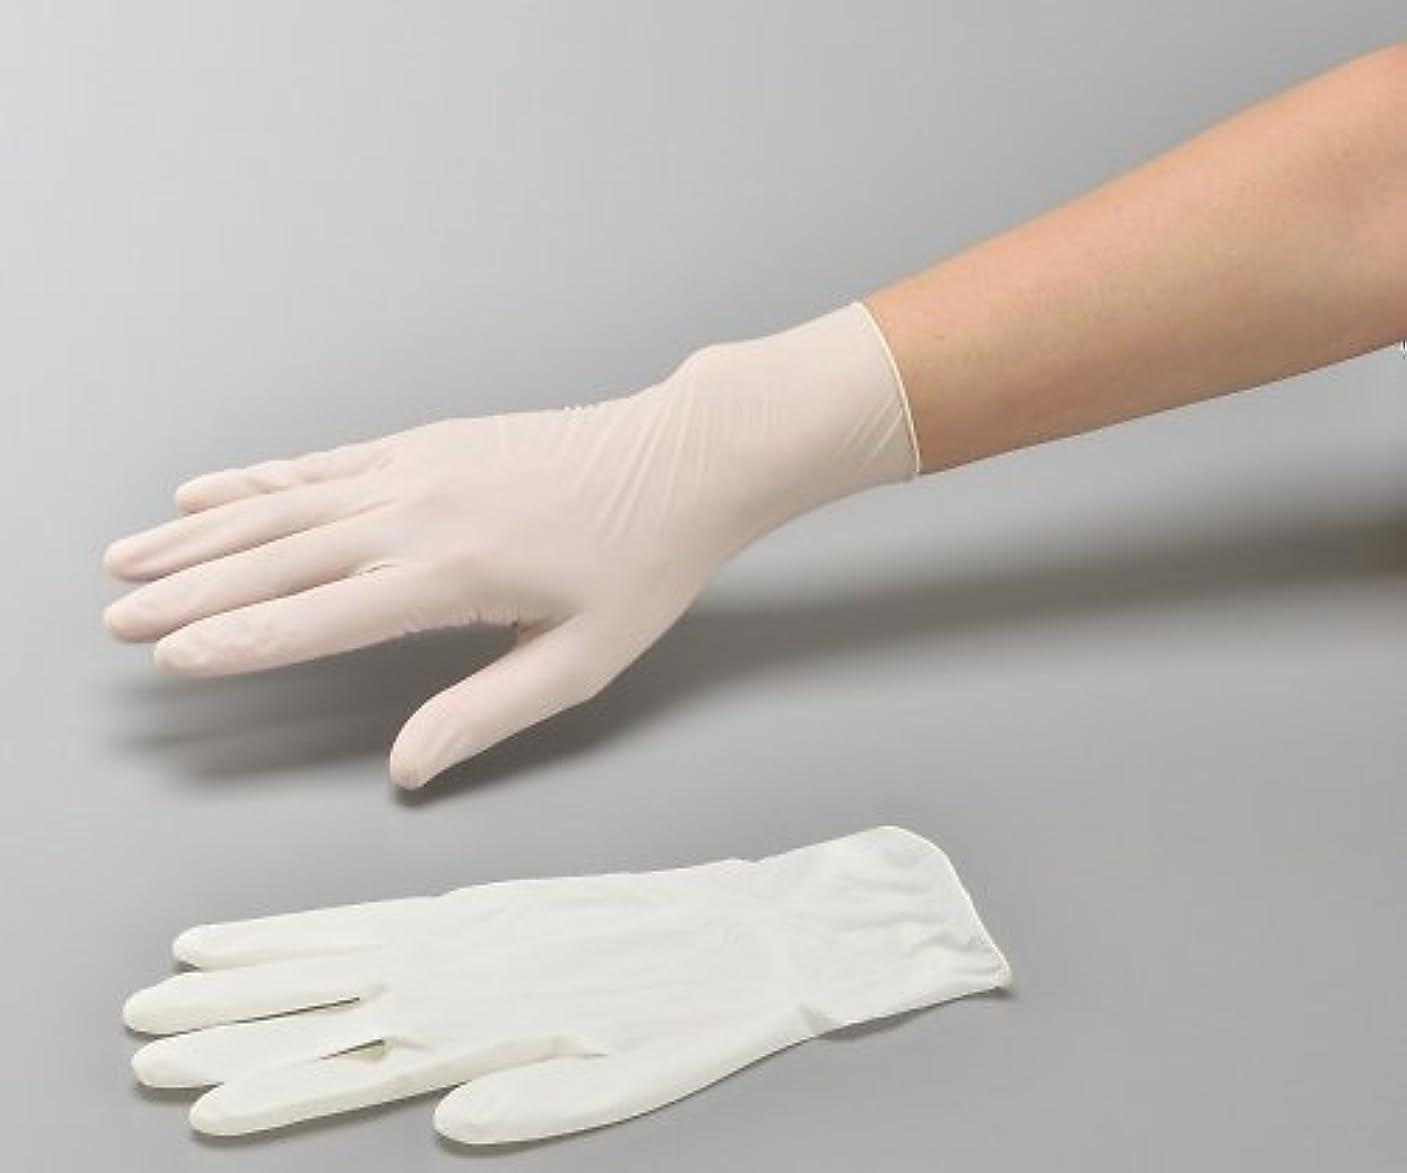 ルーフレーニン主義電子ナビス(アズワン)8-9970-04ナビロール手袋(指先エンボス?エコノミータイプ?パウダー付)SS1箱(100枚入)